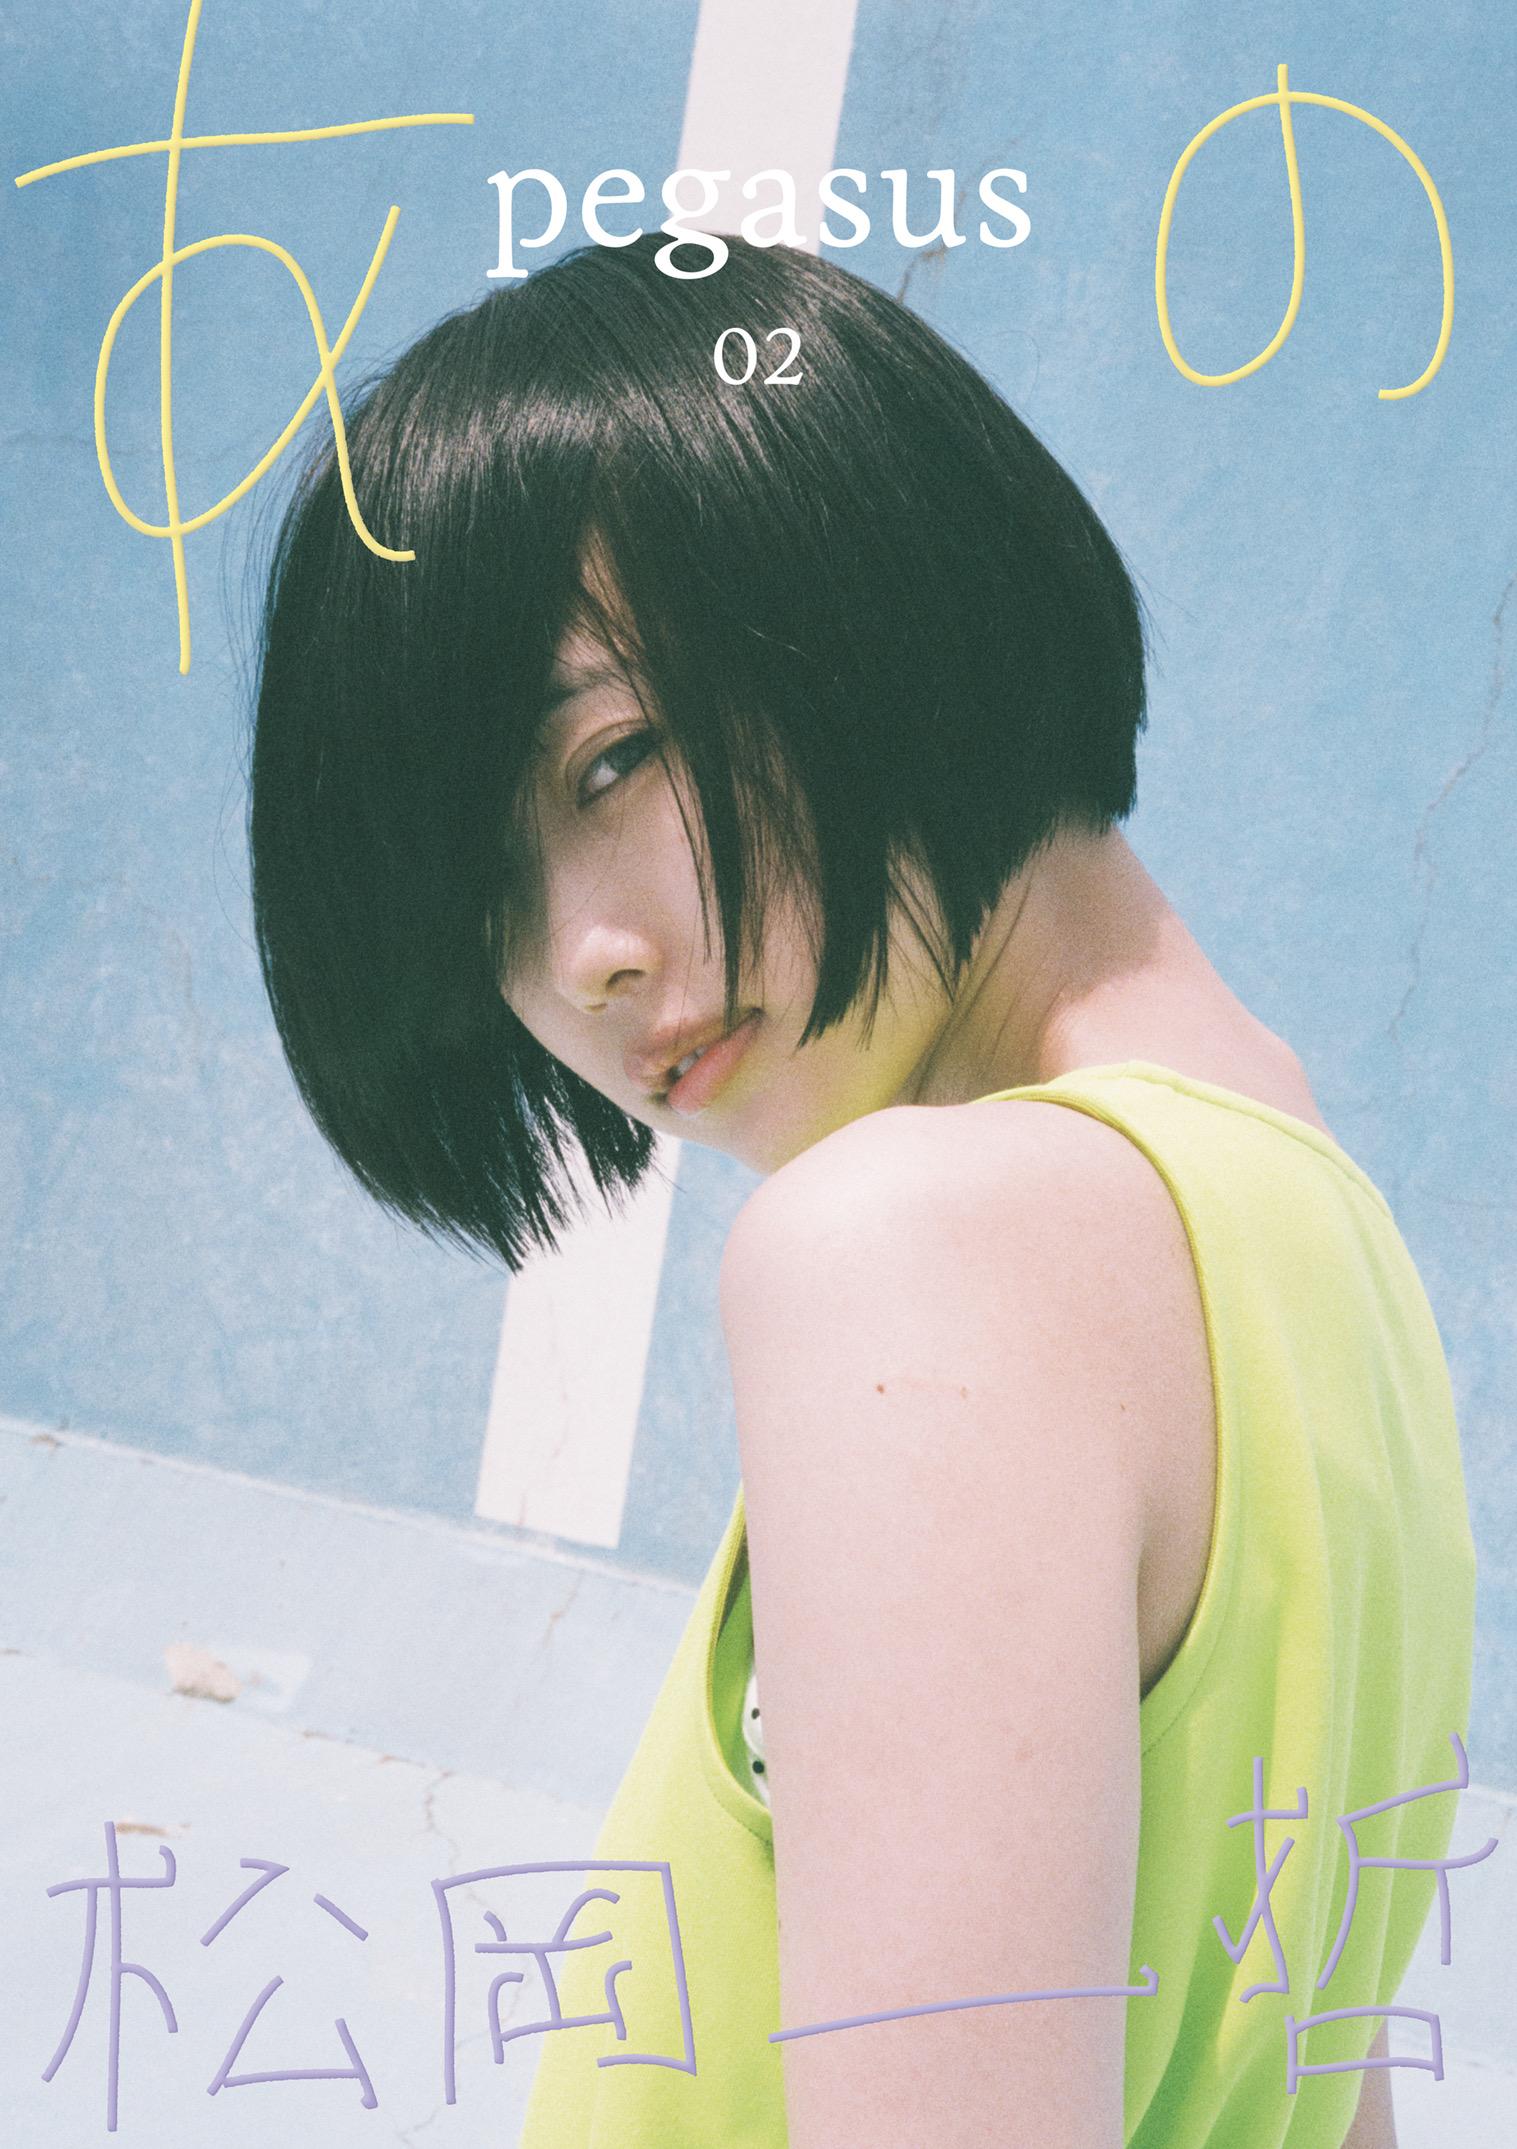 あのx松岡一哲『pegasus02』発売記念exhibition